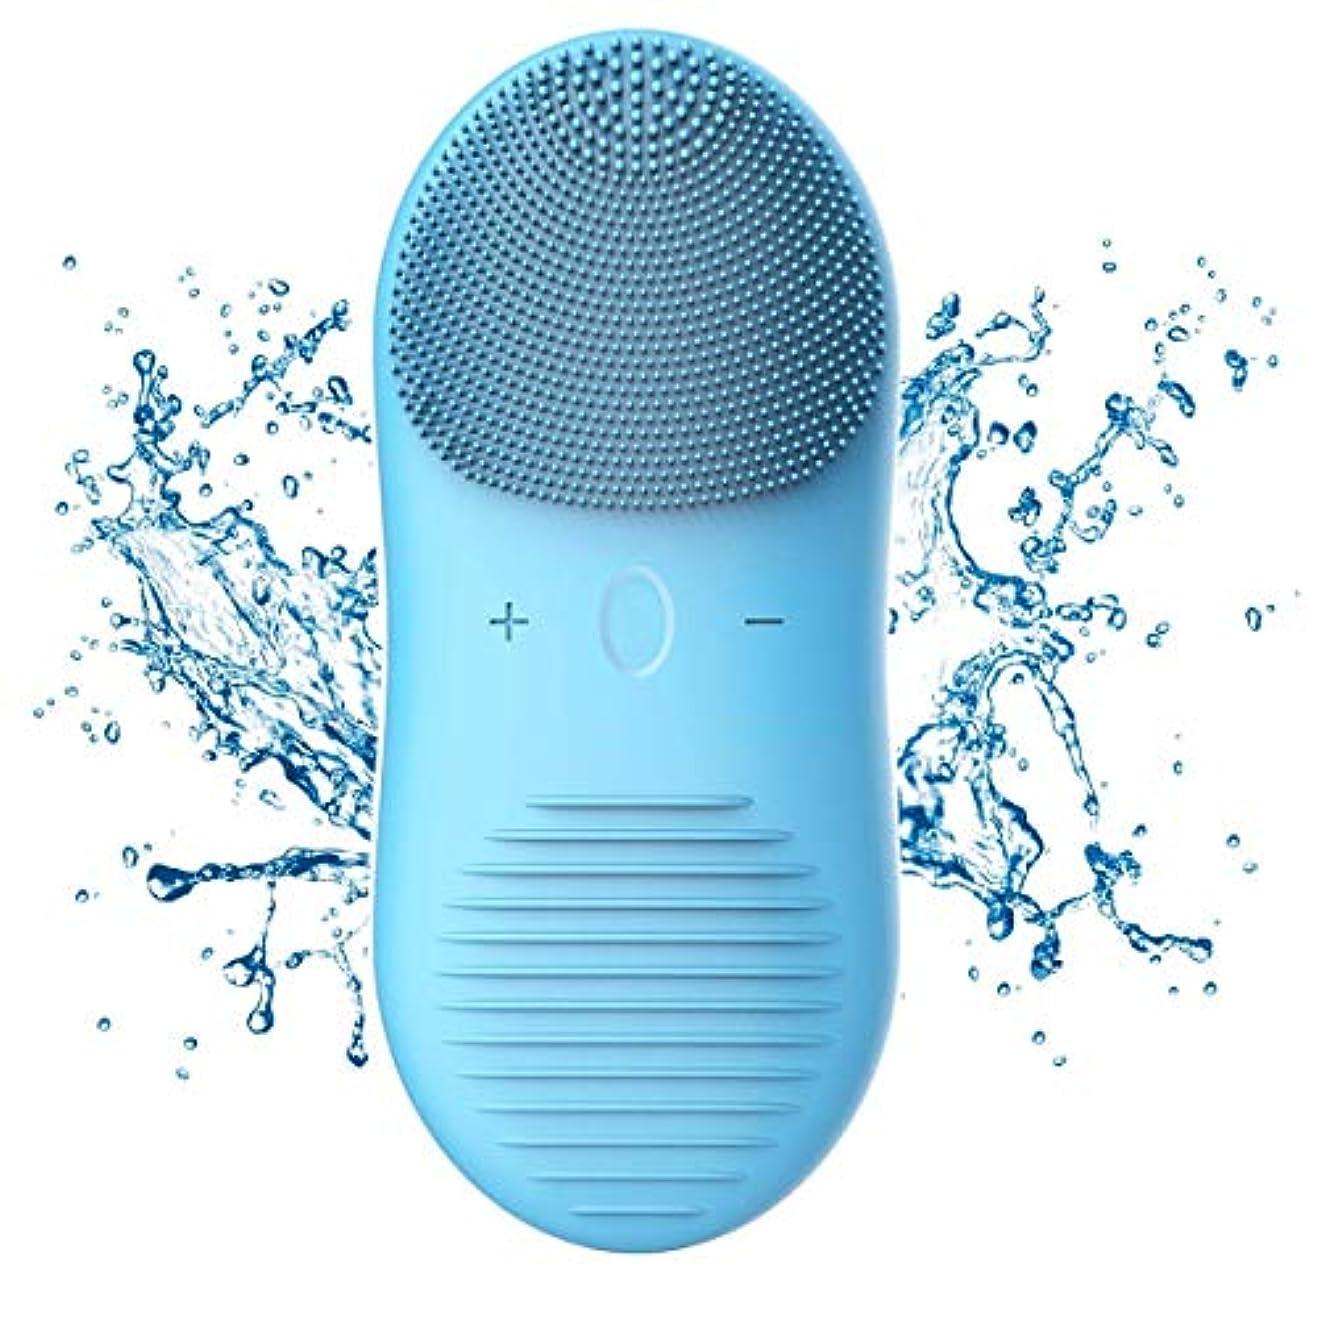 ディープクレンジング、穏やかな角質除去、アンチエイジングスキンケア、マッサージブルーのための12の速度を備えた自動防水クレンジングブラシワイヤレス充電電気防水シリコンフェイシャルブラシ